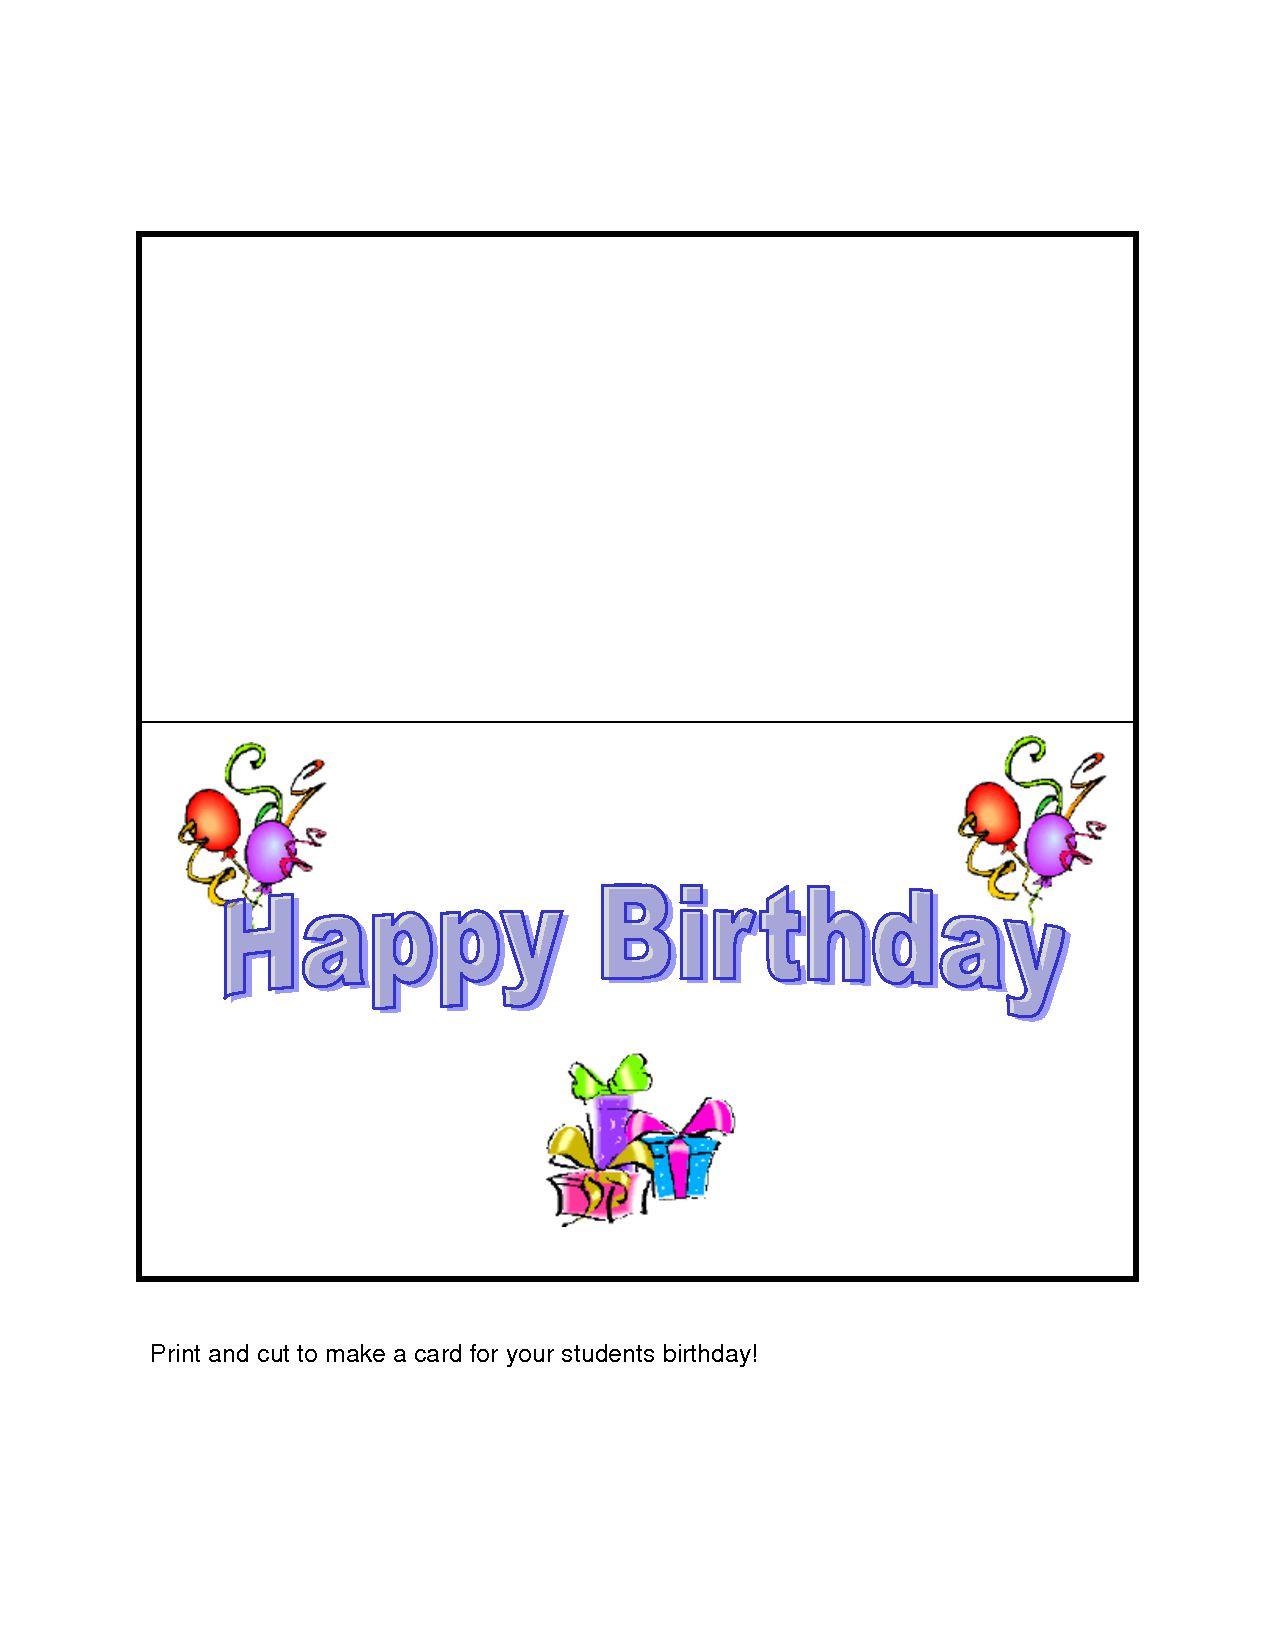 Geburtstagskarten Zum Ausdrucken Kostenlos  Geburtstagskarten Kostenlos Zum Ausdrucken Lustig